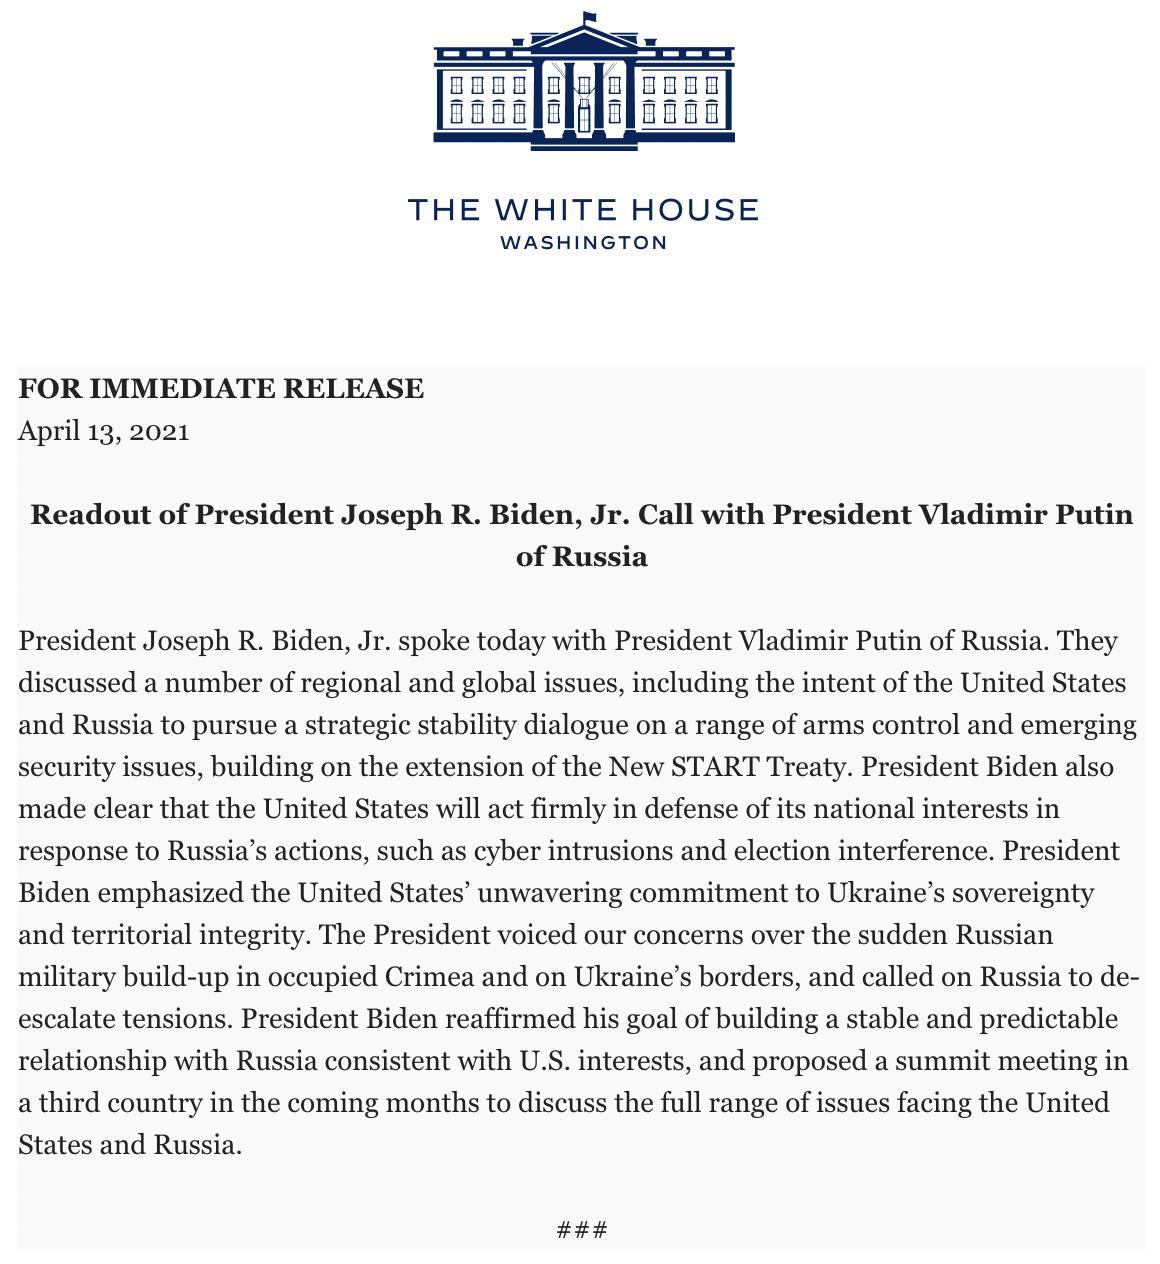 Байден в разговоре с Путиным призвал снизить напряженность на границе Украины